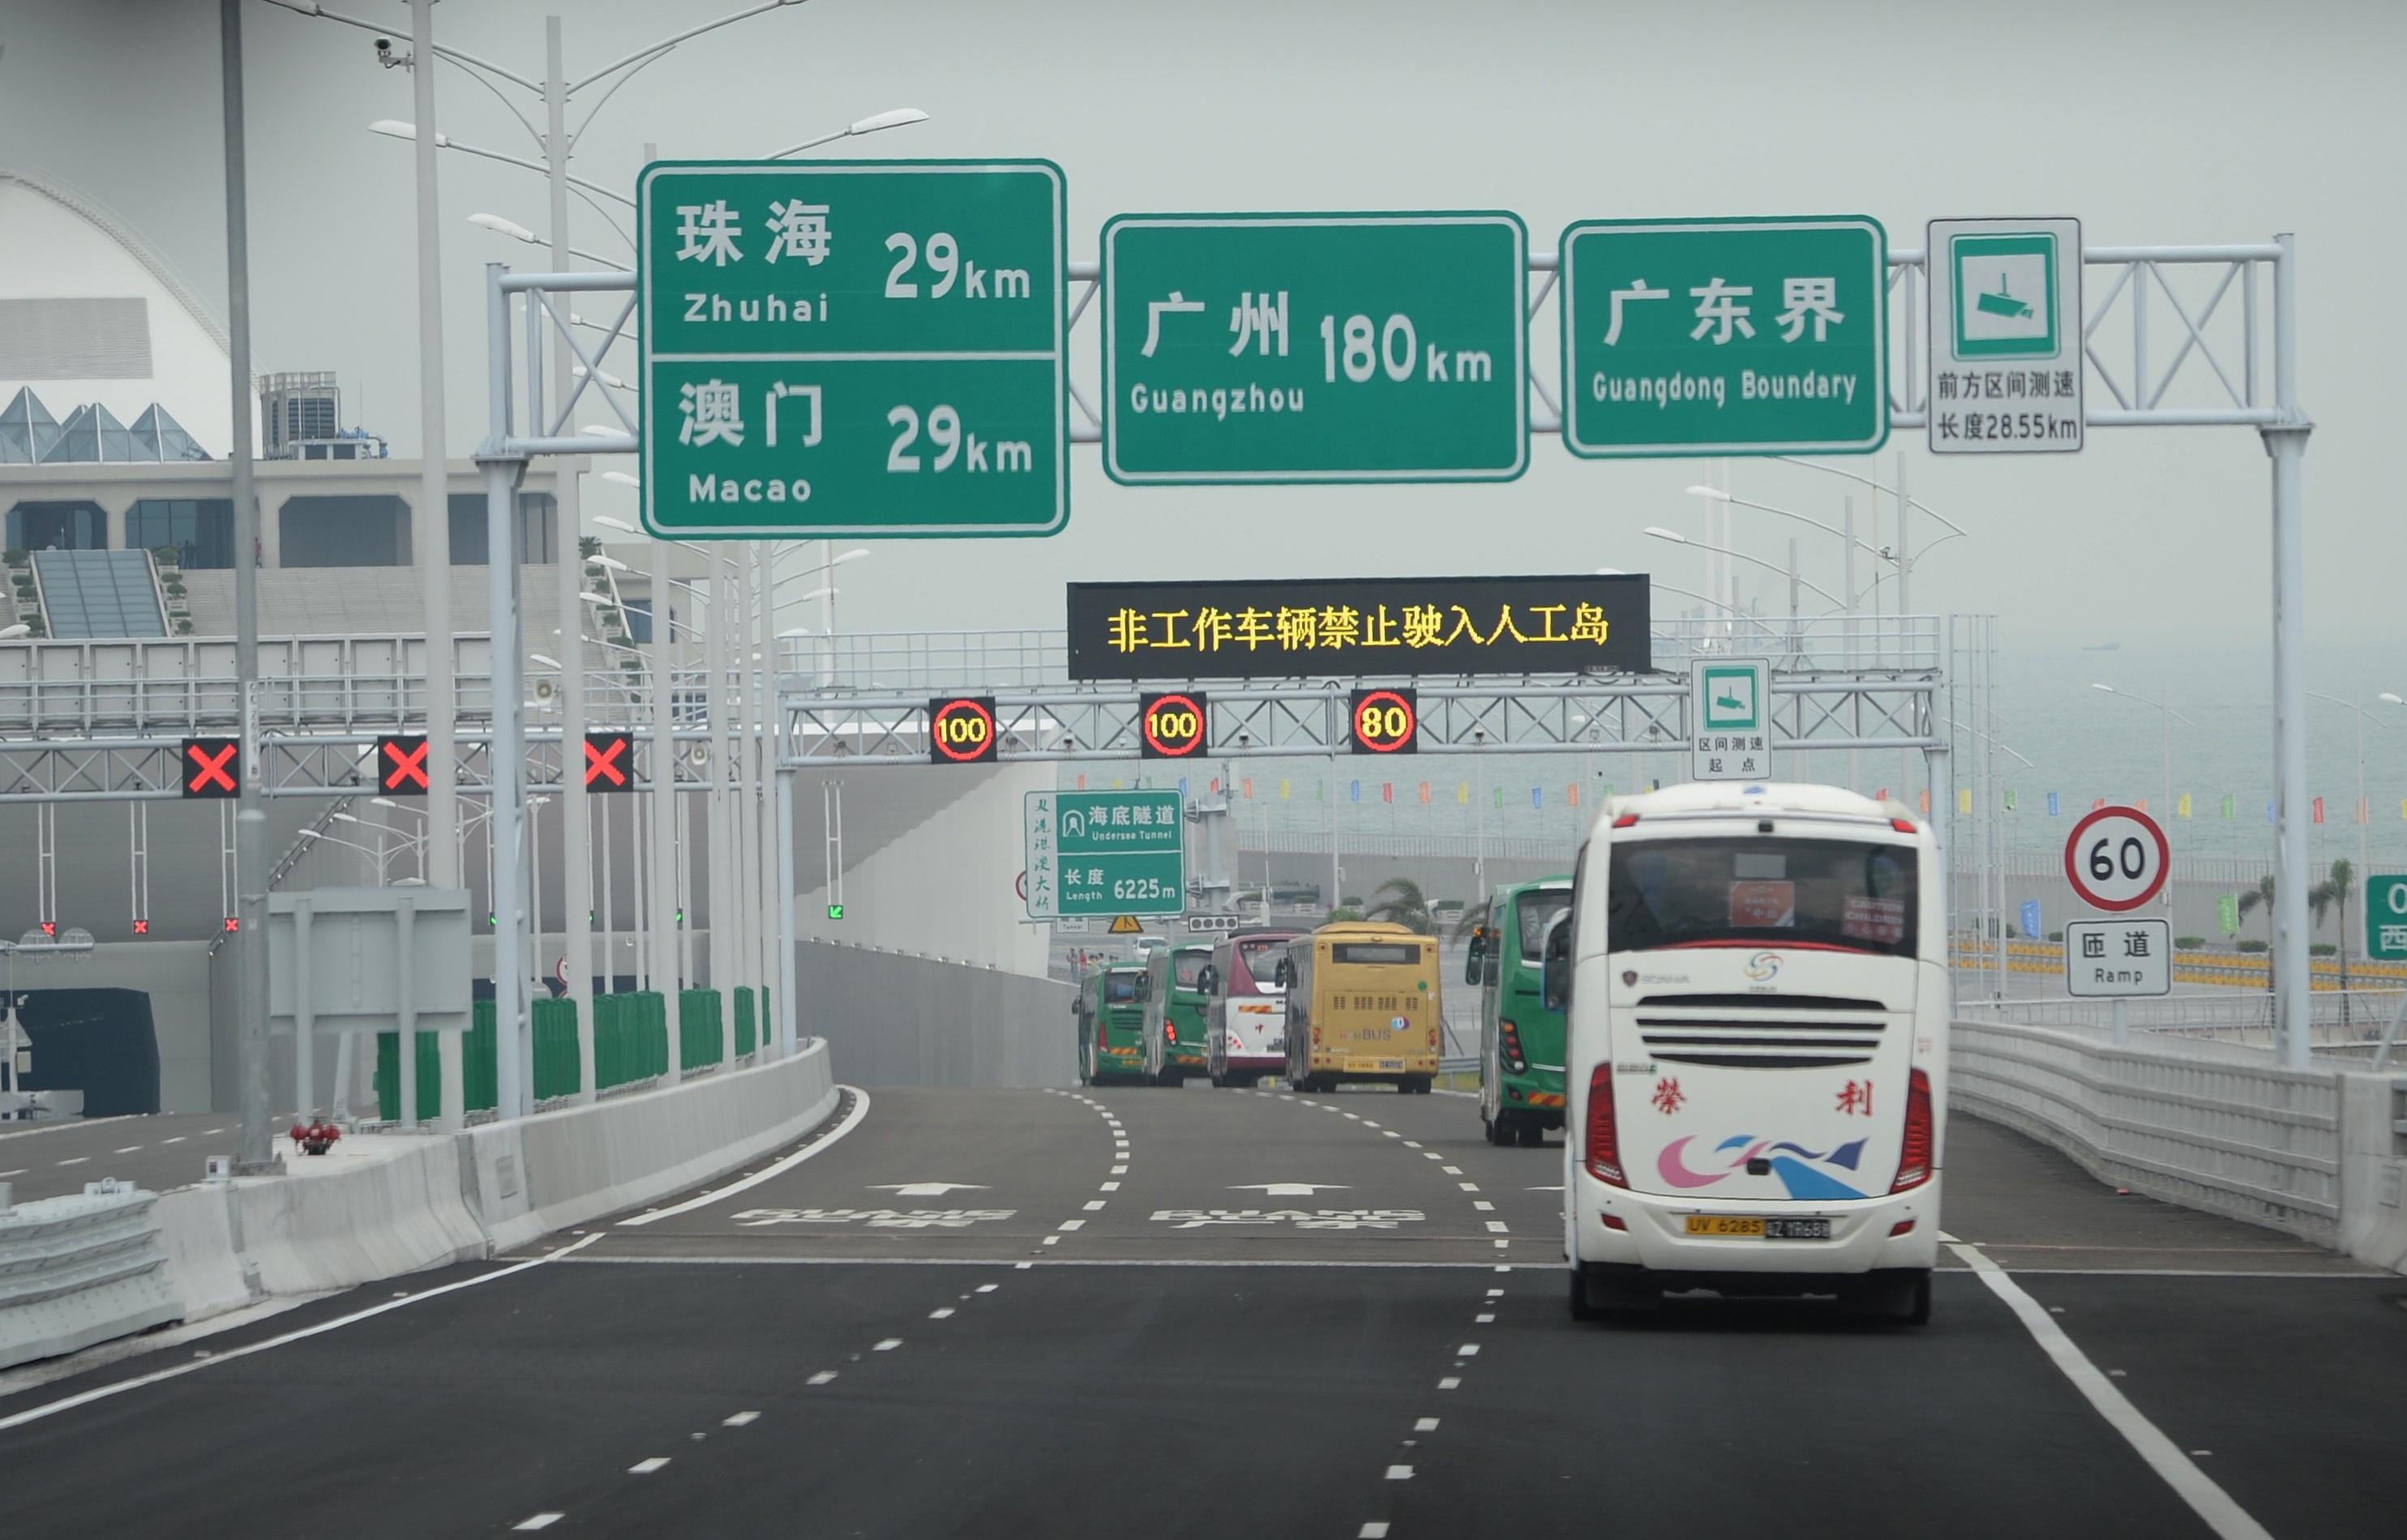 港珠澳大桥跨境私家车香港配额增500个